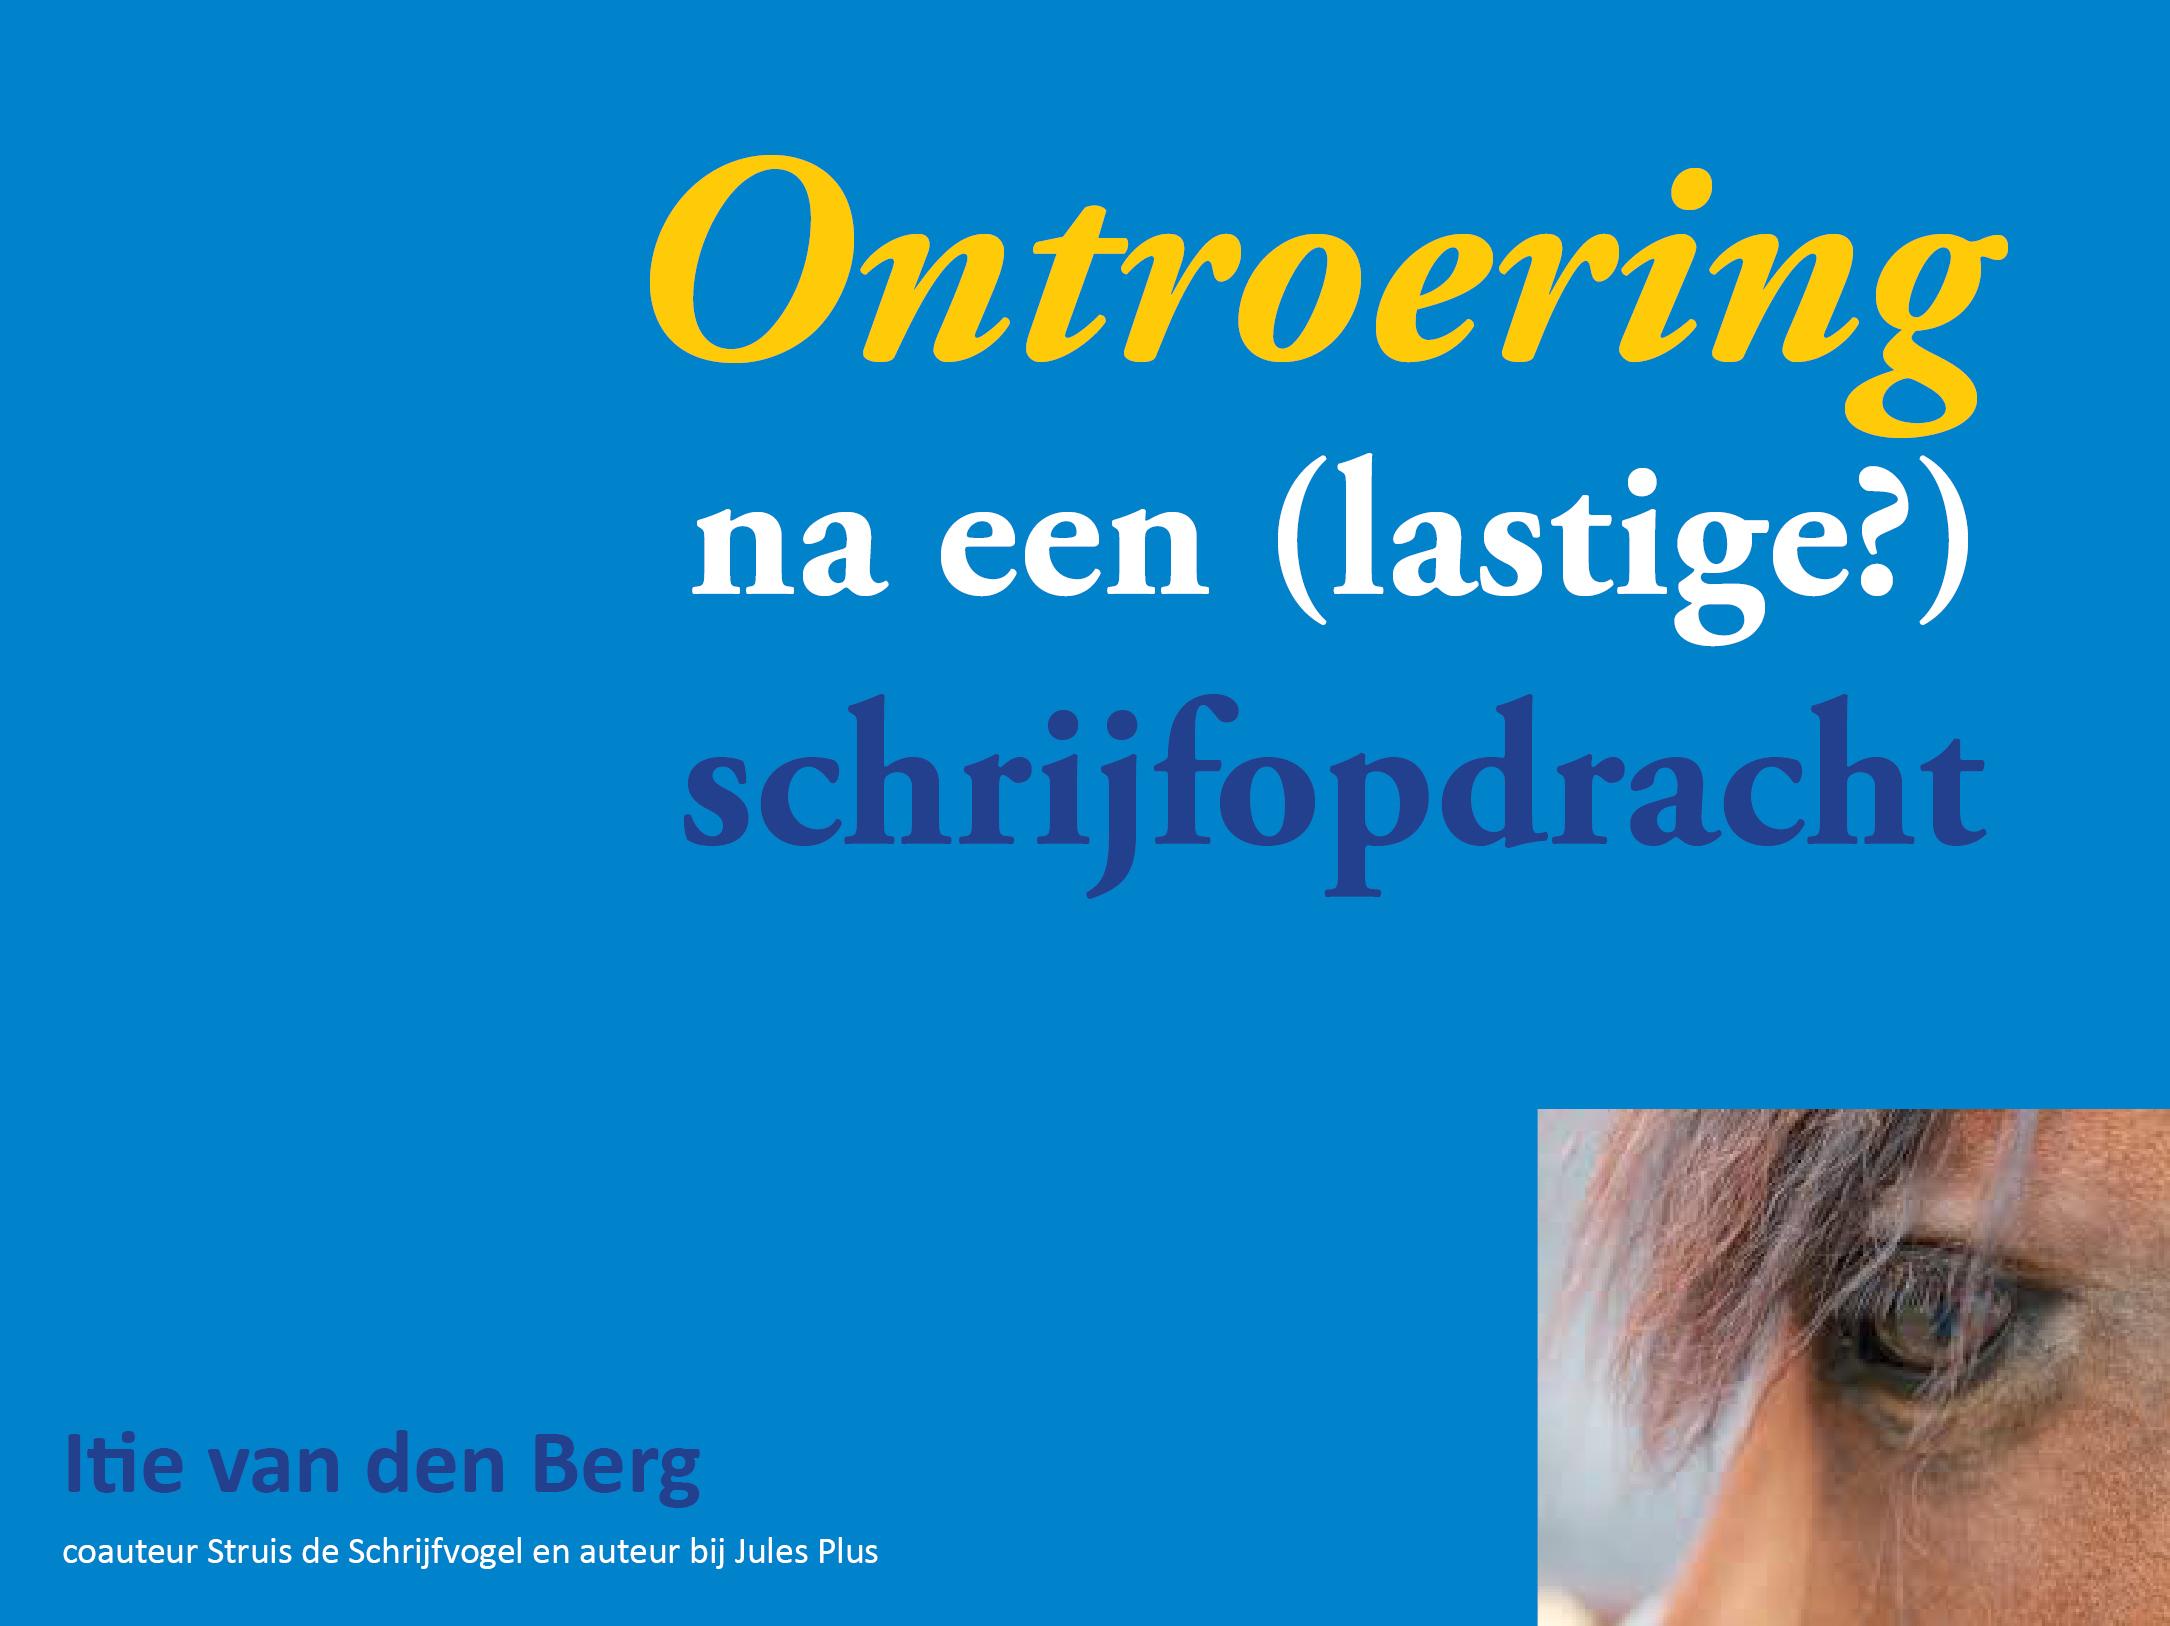 Schrijftalent inzetten om anderen te ontroeren